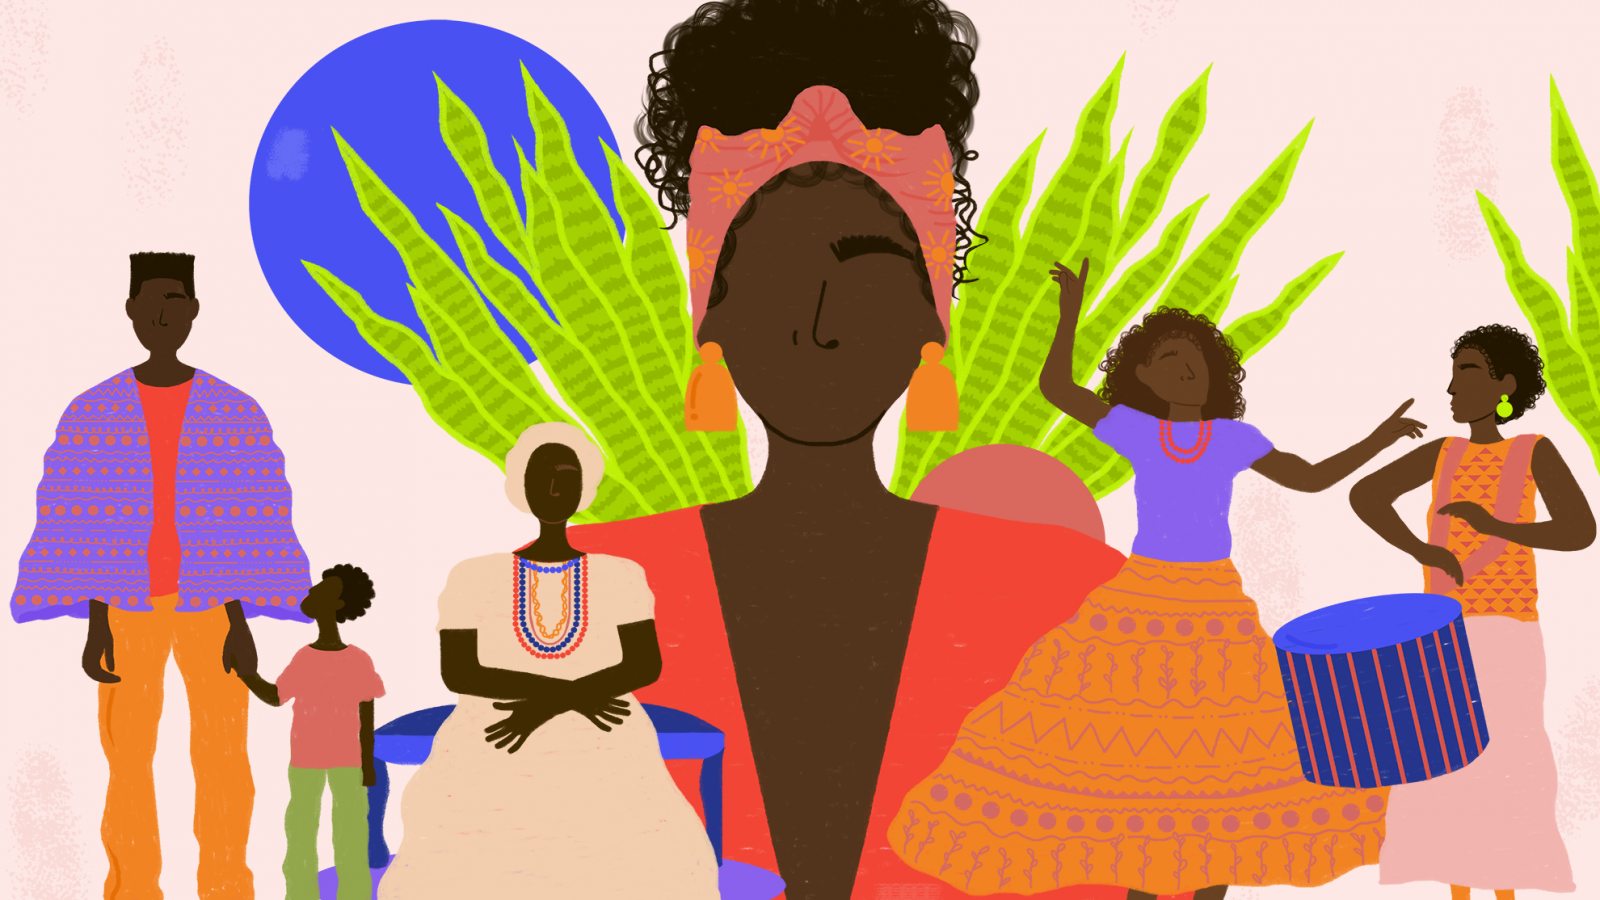 <p>O Instituto Ibirapitanga apoia organizações e iniciativas que contribuem para o fortalecimento da democracia e a defesa de liberdades no Brasil por meio de duas áreas prioritárias – Equidade racial e Sistemas alimentares</p>